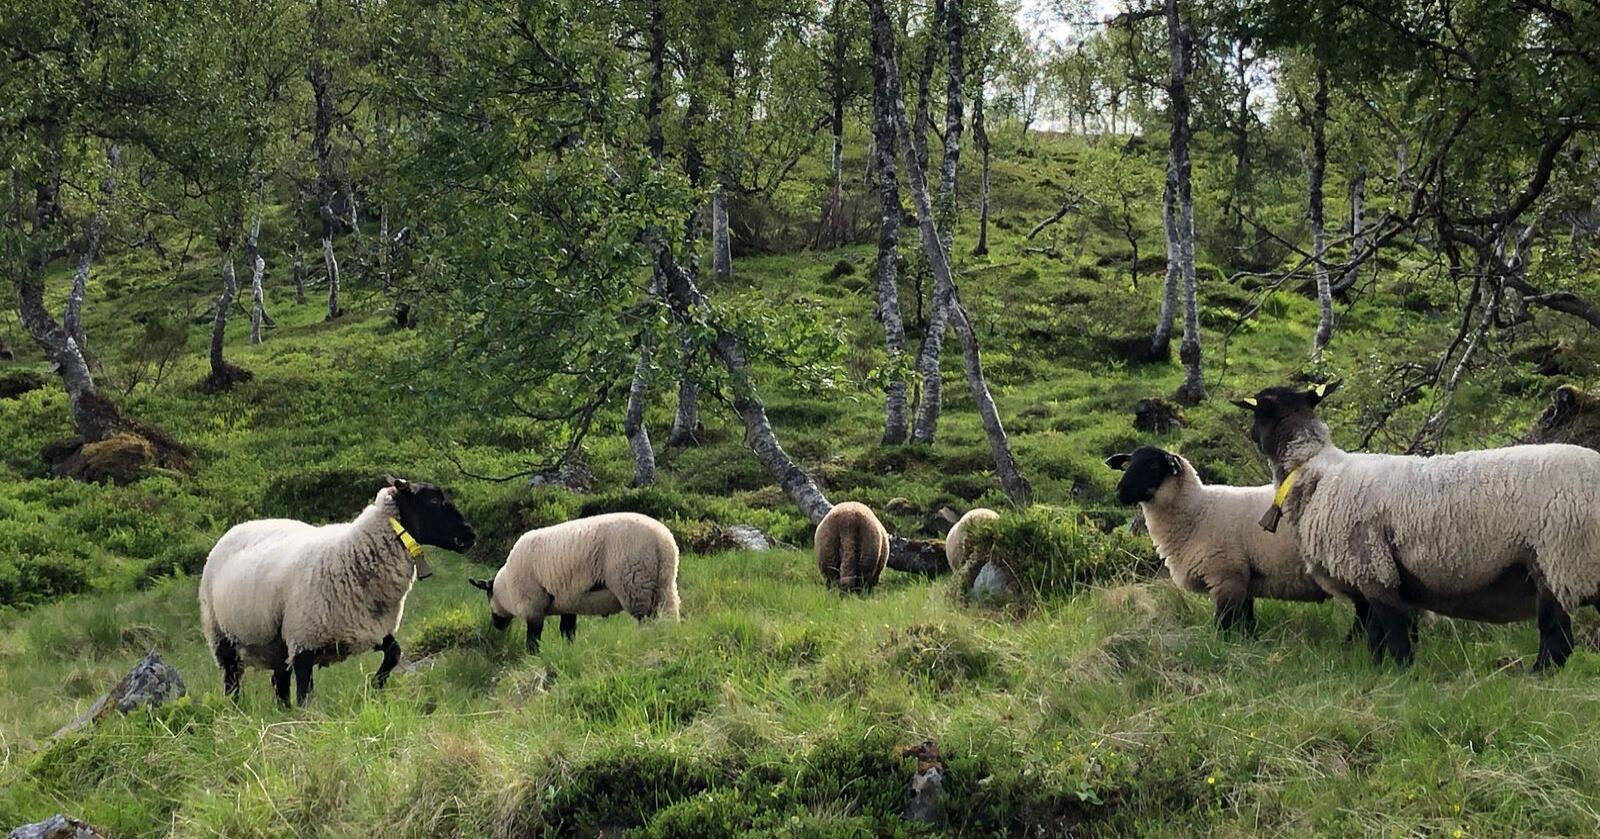 Rovviltforliket i Stortinget bygger på at det skal være mulig å forene opprettholdelse av dyr på beite og folks allmenne bruk av utmarka, skriver medlemmer i rovvilnemnd 4 og 5. (Foto: Karl Erik Berge)